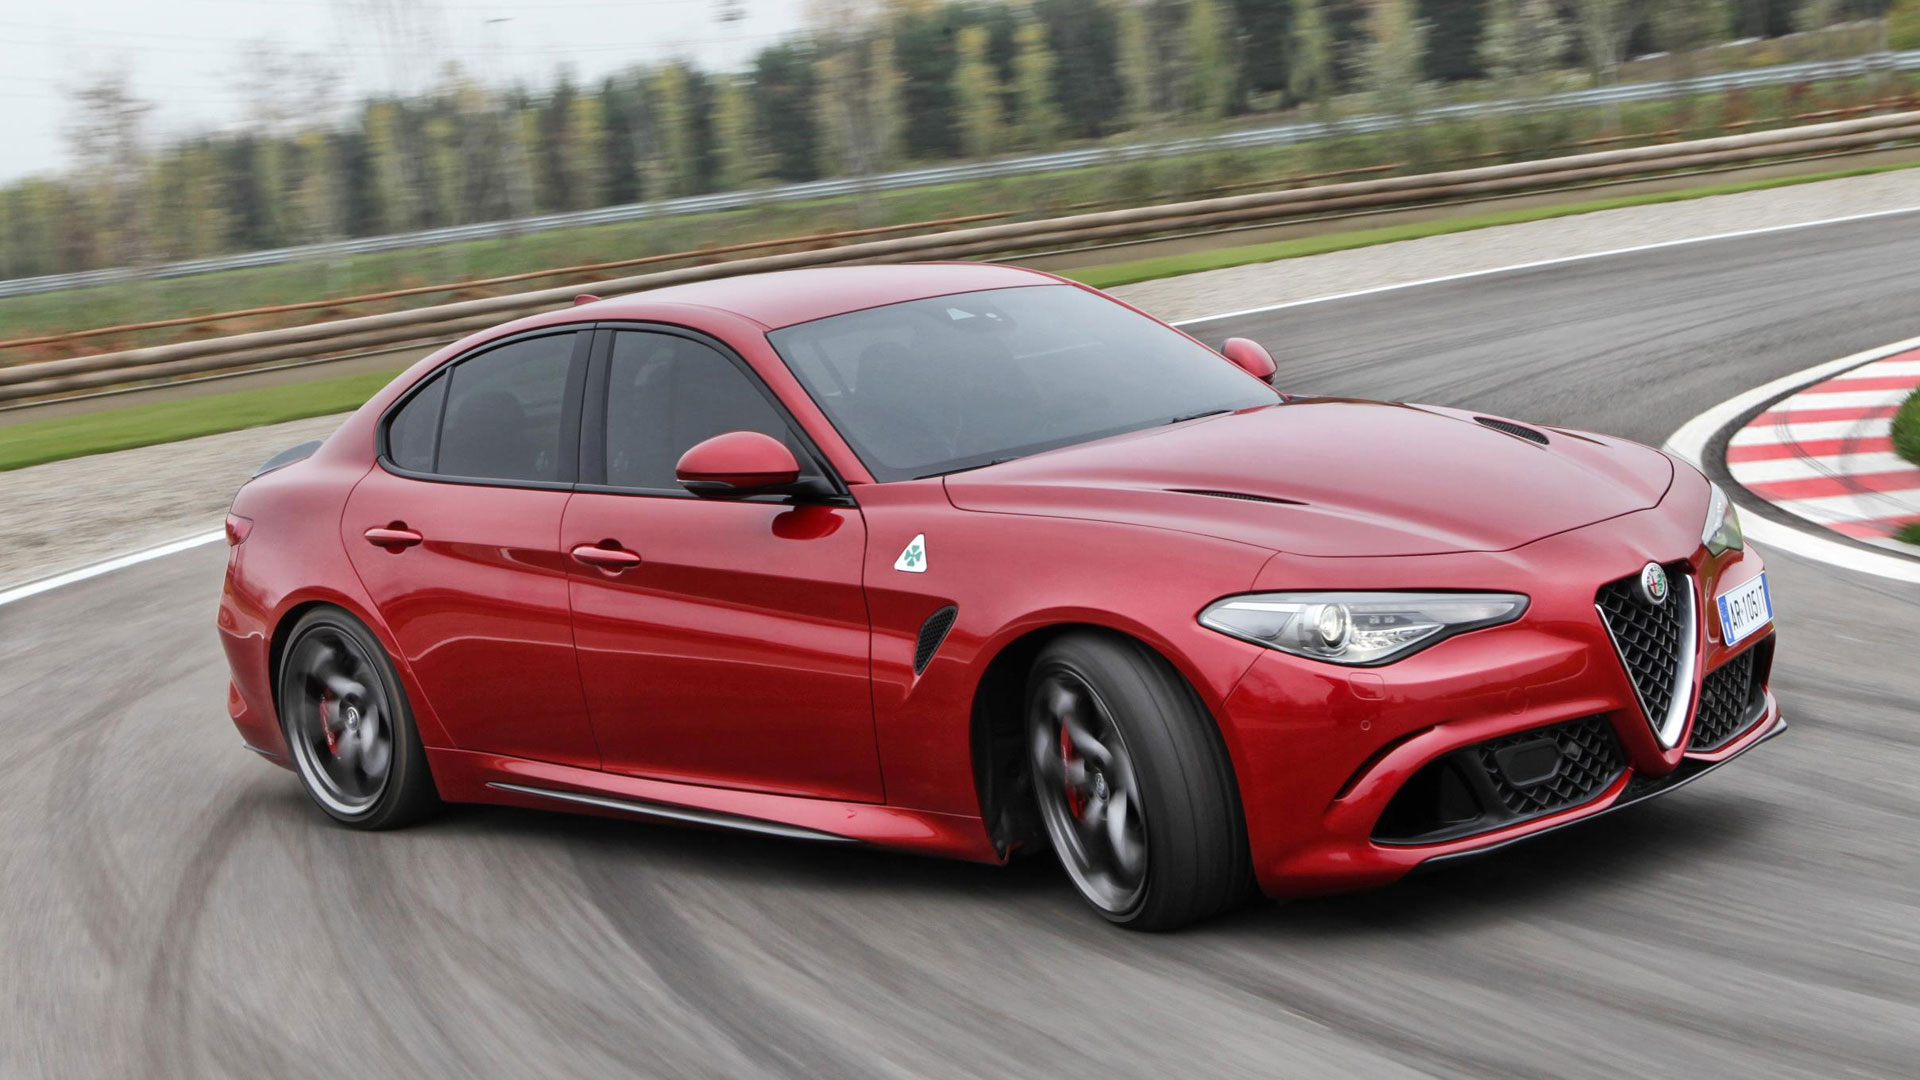 Alfa Romeo Giulia Quadrifoglio - greatest cars of the decade